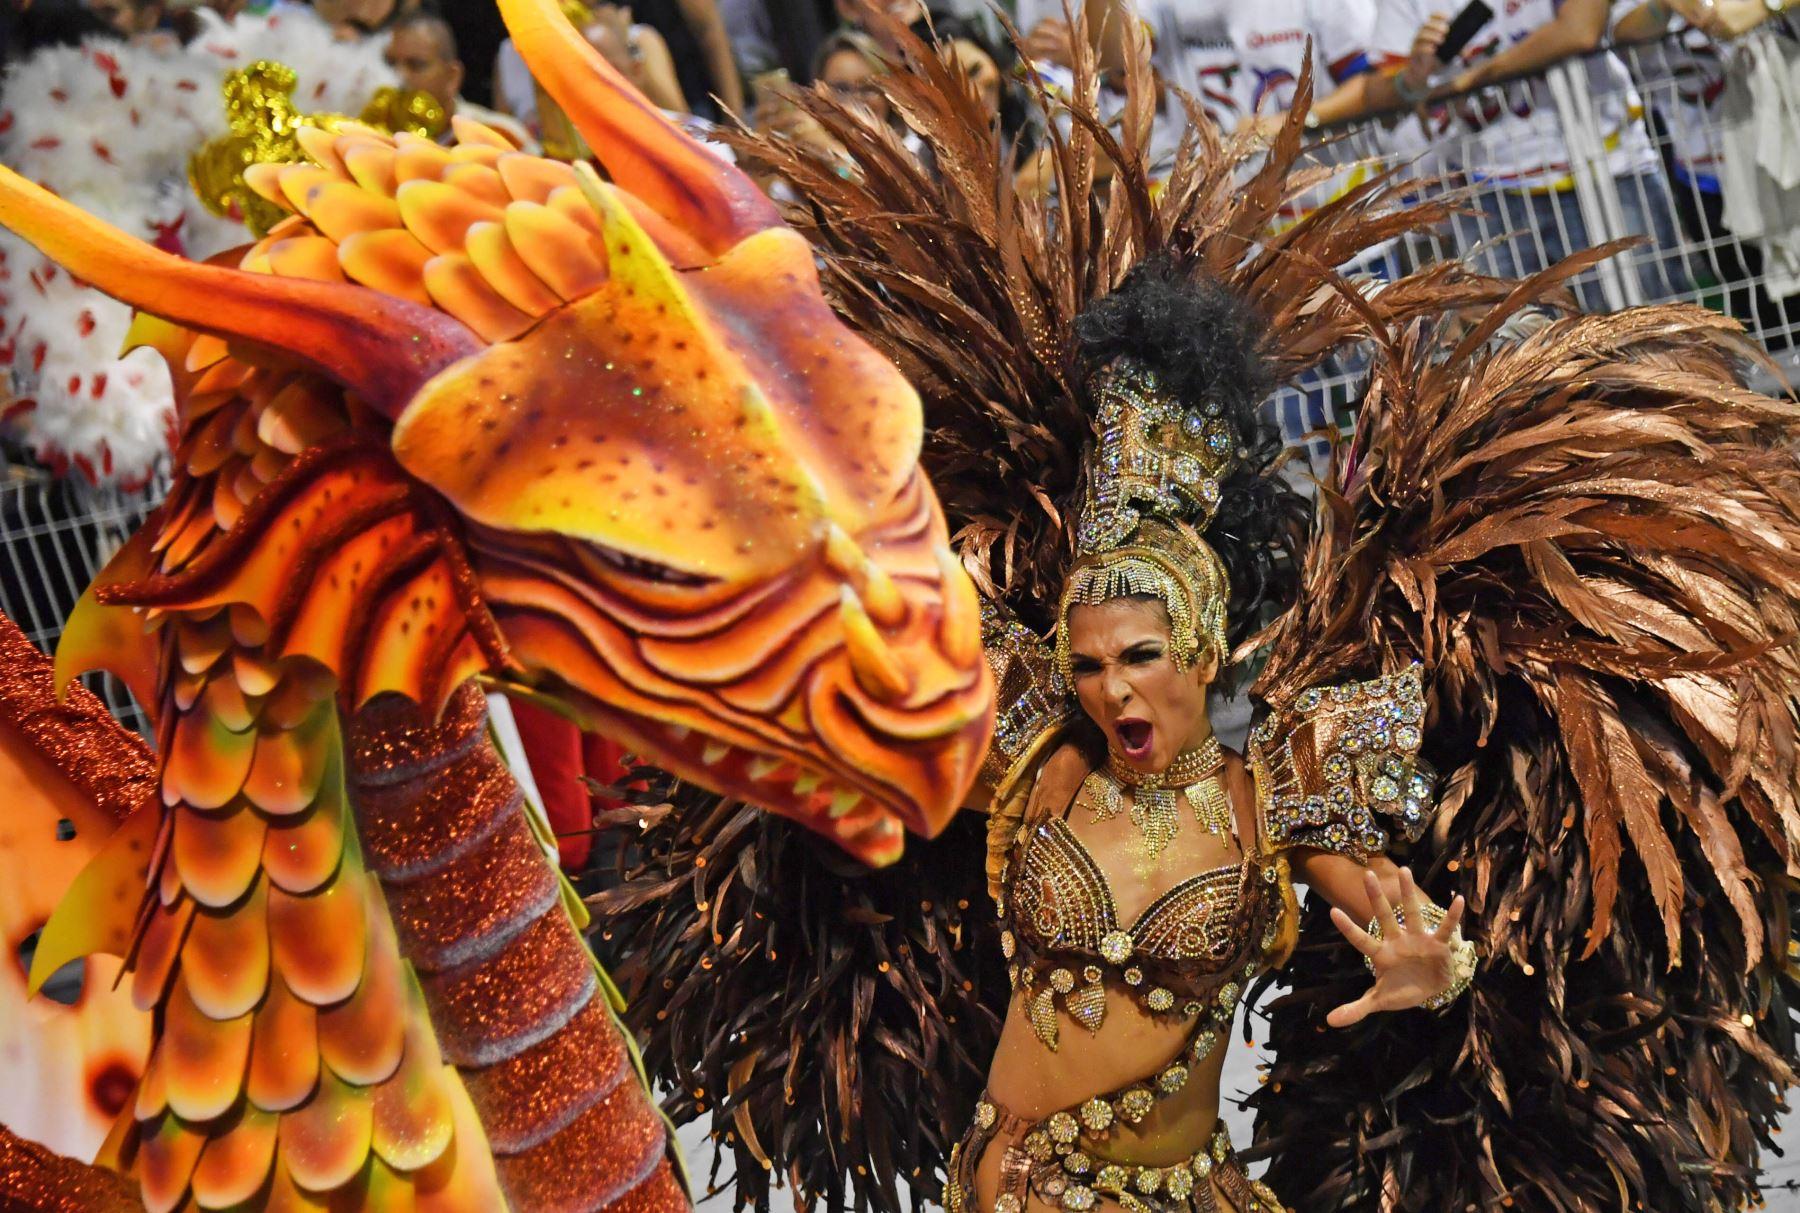 Primera noche del desfile de carnaval en el Sambódromo de Sao Paulo, Brasil. Foto: AFP